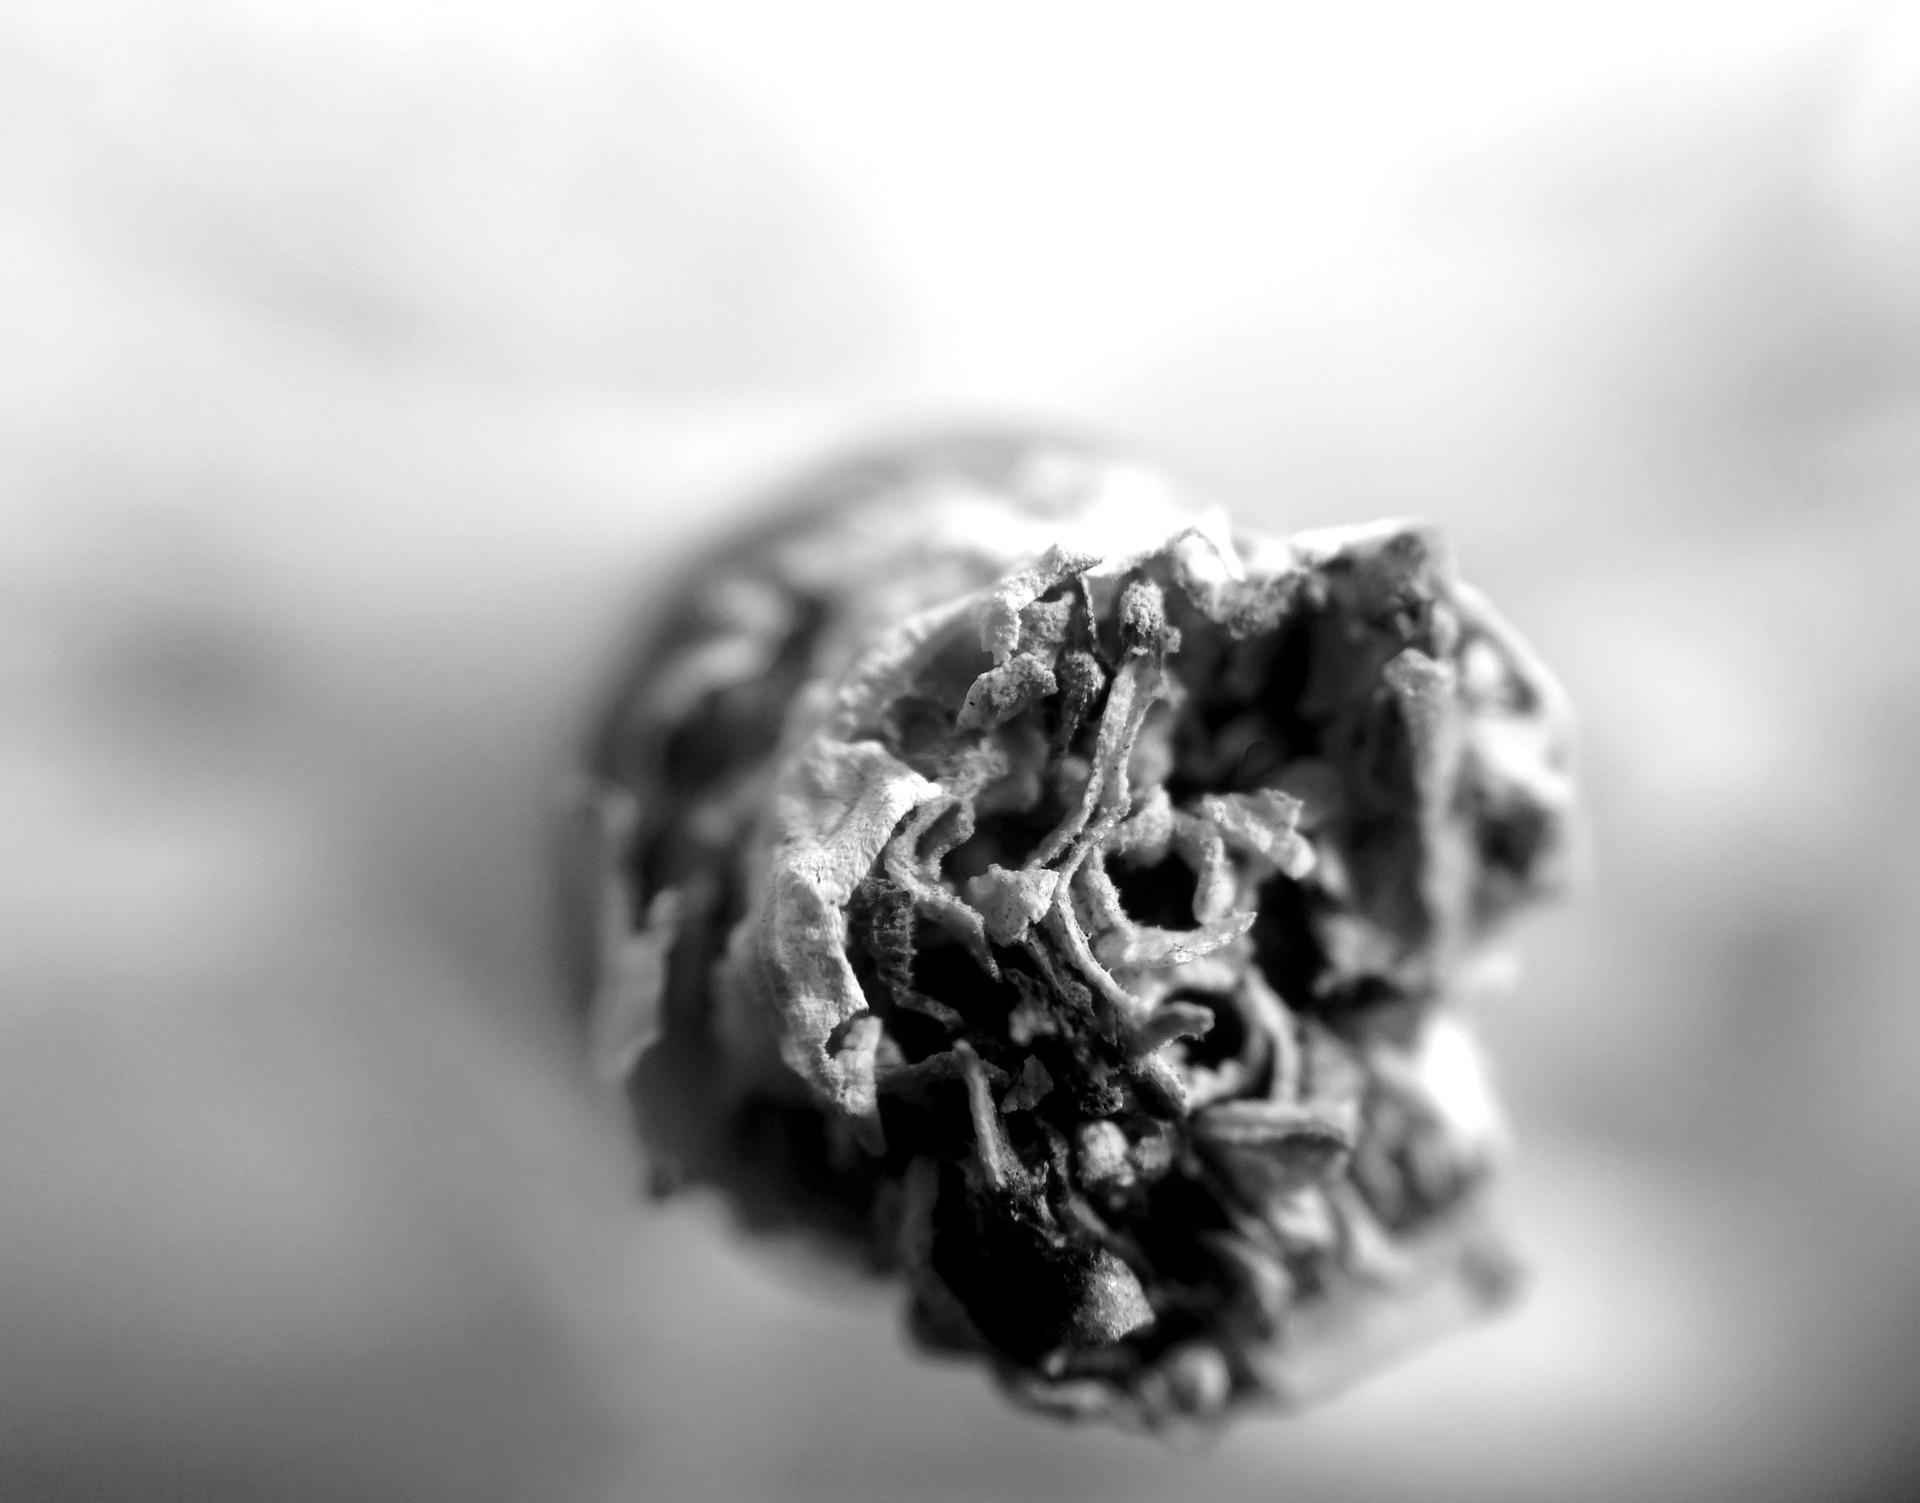 Close-up of a lit cigarette